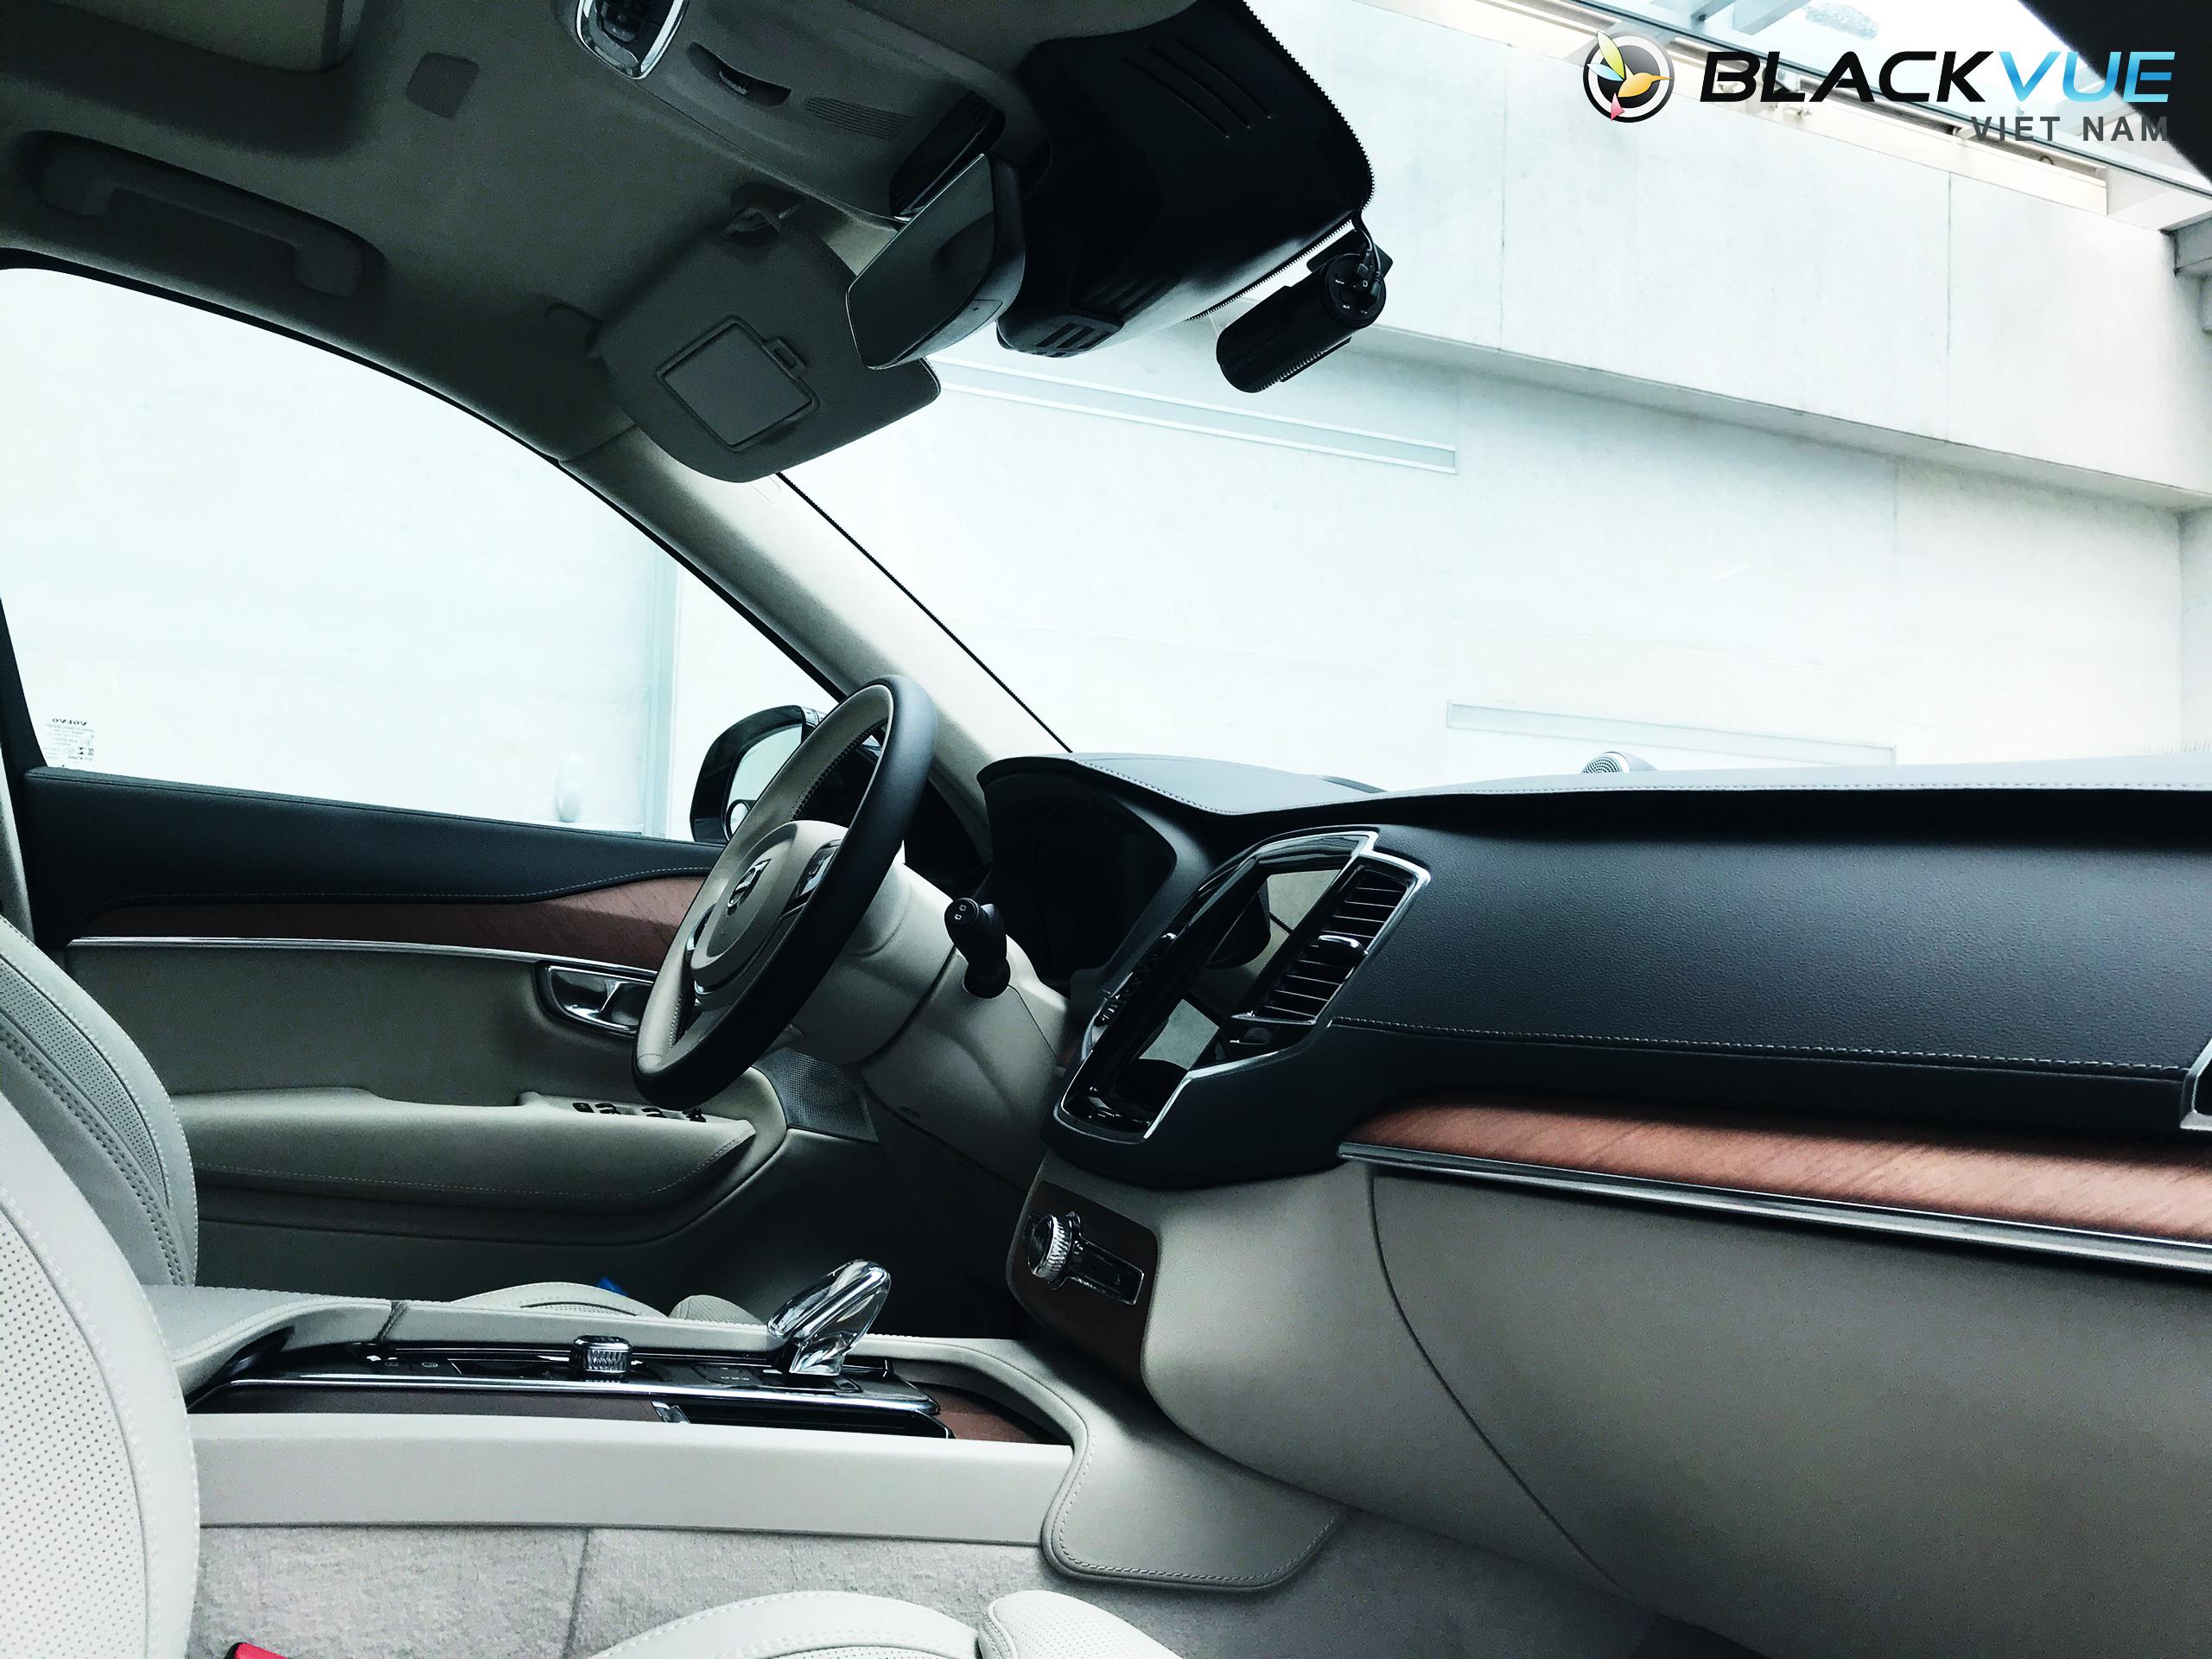 z2070909831516 9acd6f6534e321d1e2e72530abb0ab84 - Blackvue phù hợp với mọi loại xe ô tô